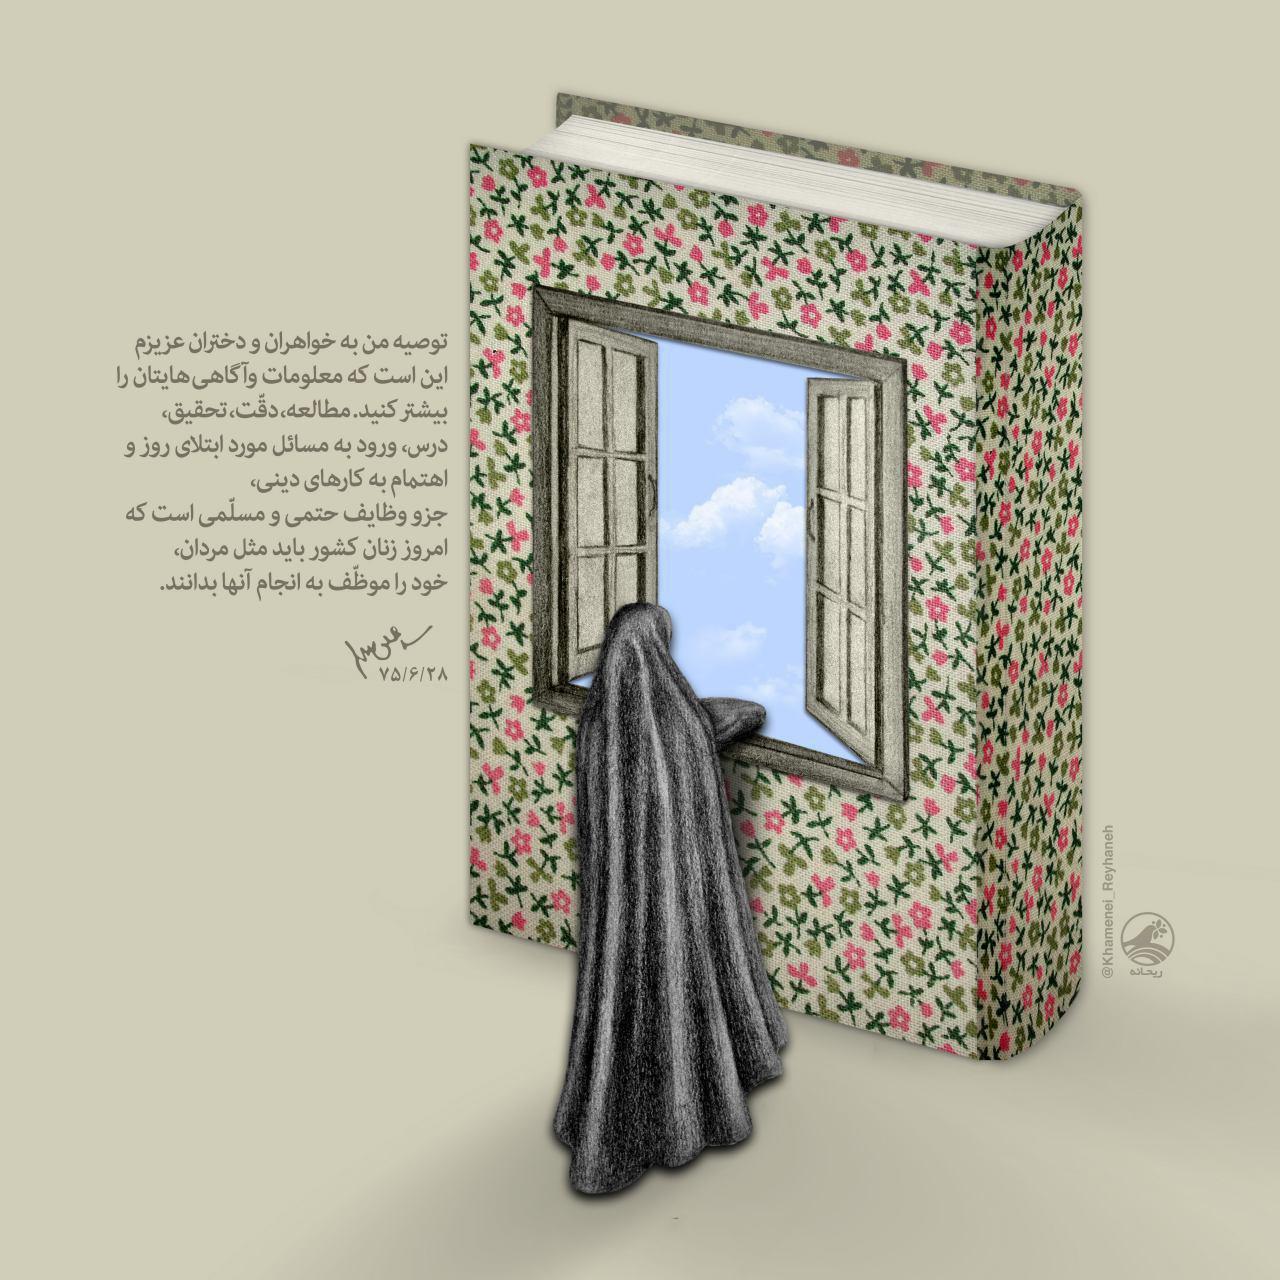 توصیه رهبر معظم انقلاب به زنان و دختران در روز جوان +تصویر